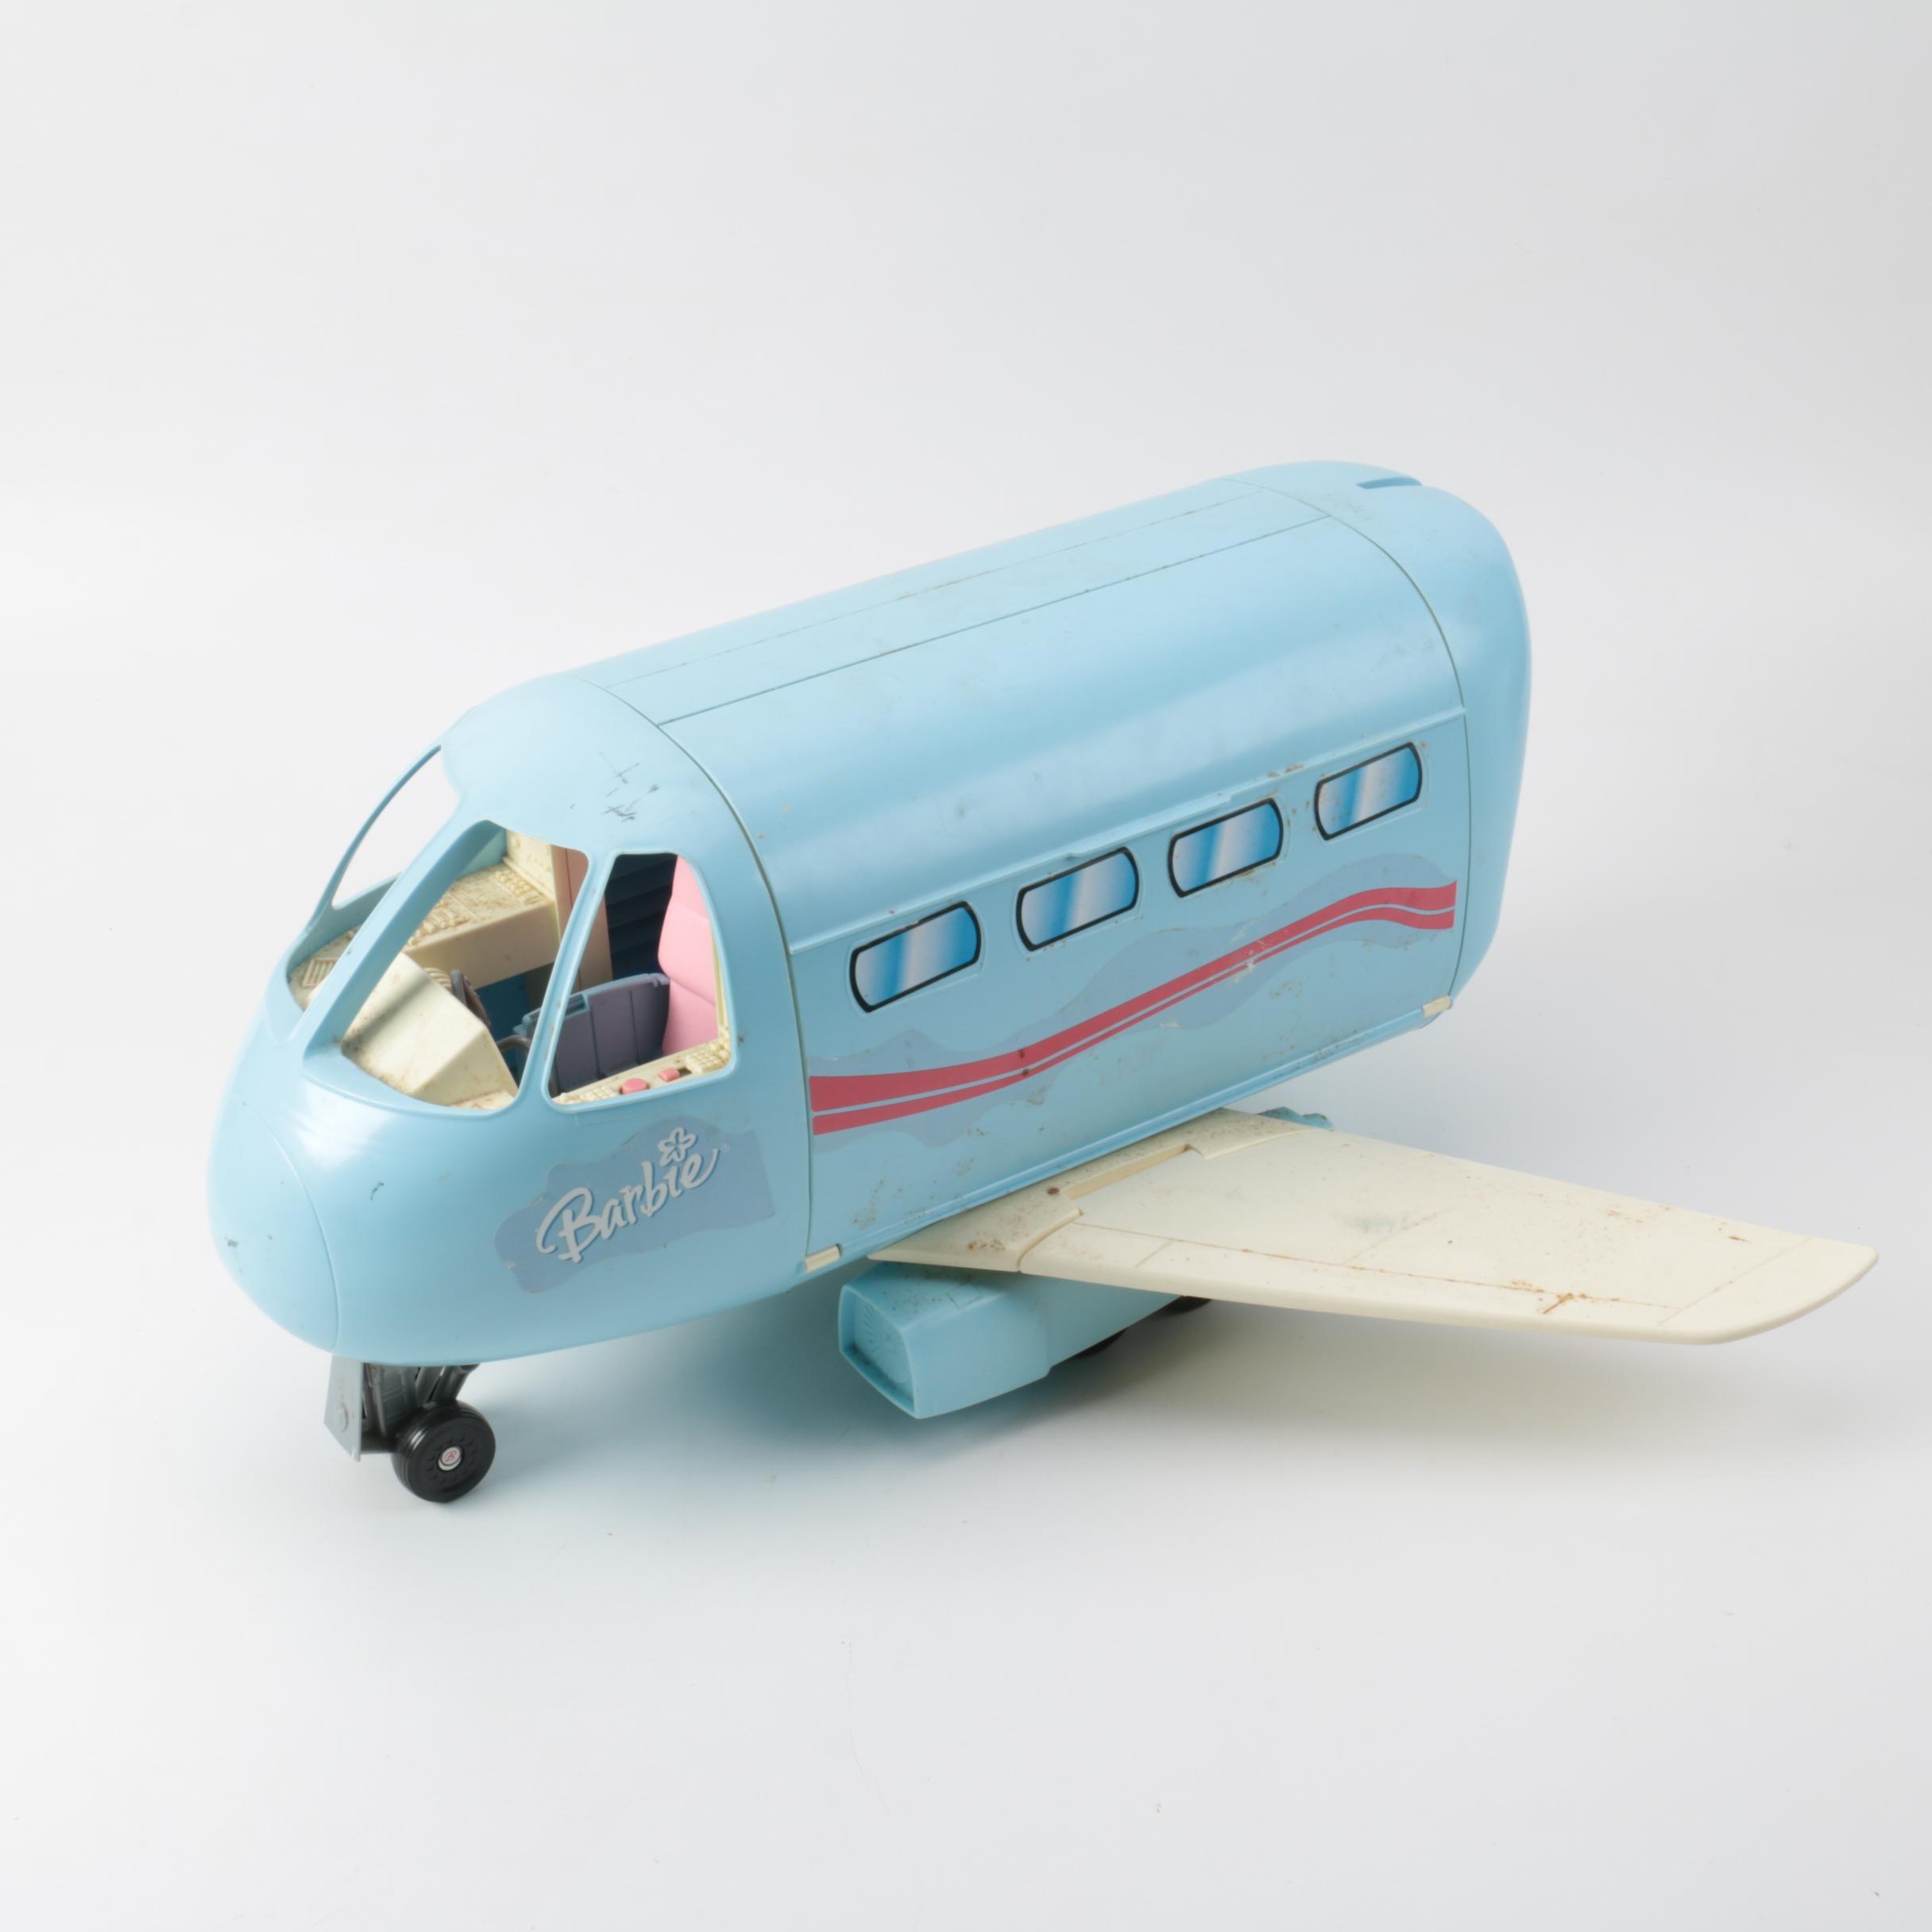 Barbie Jumbo Jet